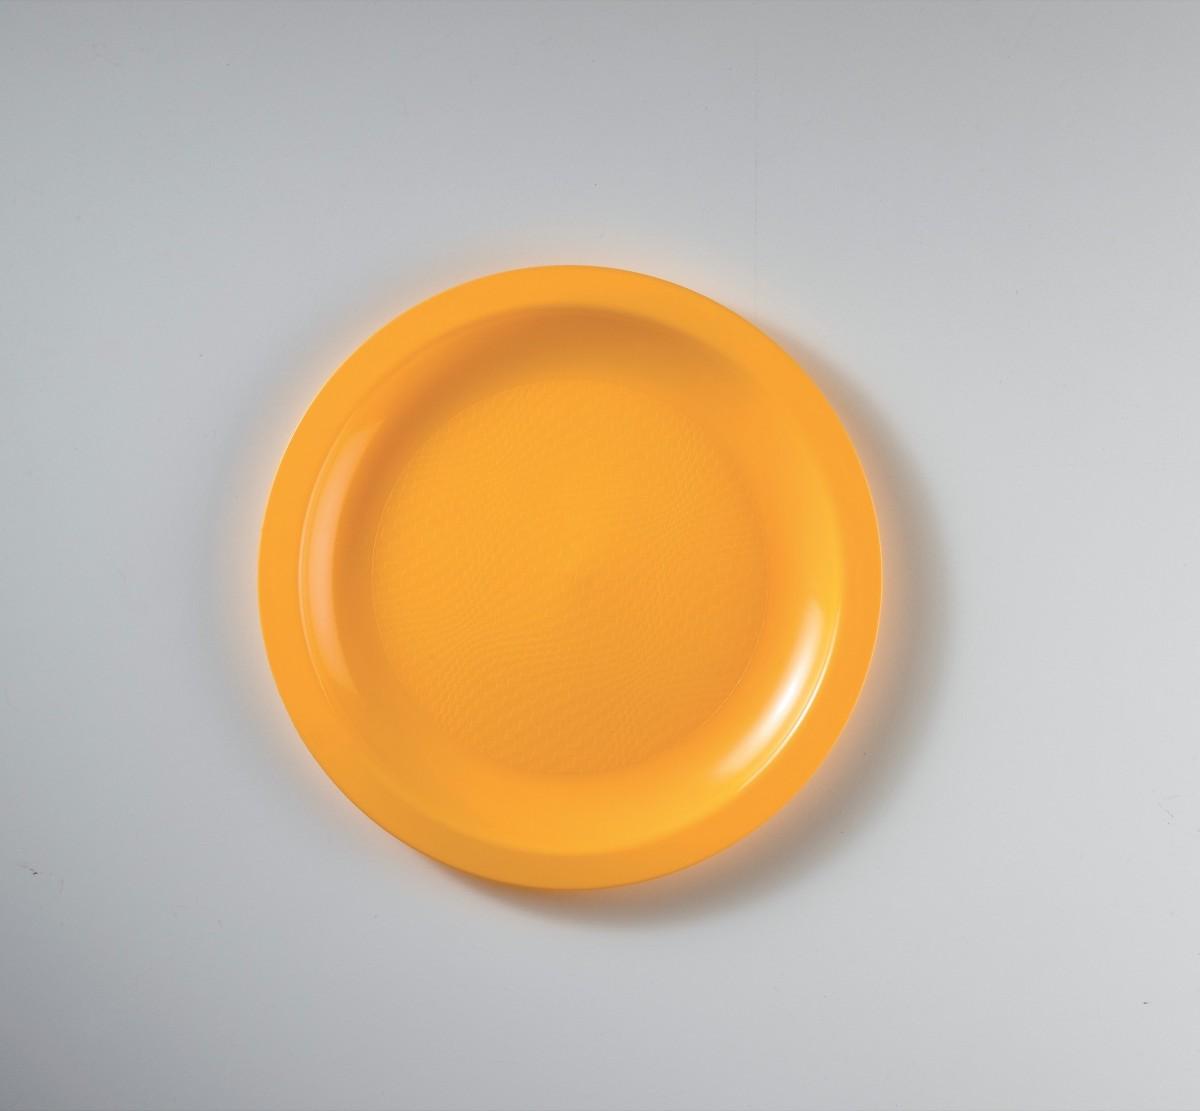 Piatto da Dessert in Plastica Colorato Diam. Cm.18,5 Confezione 50 Pezzi Giallo